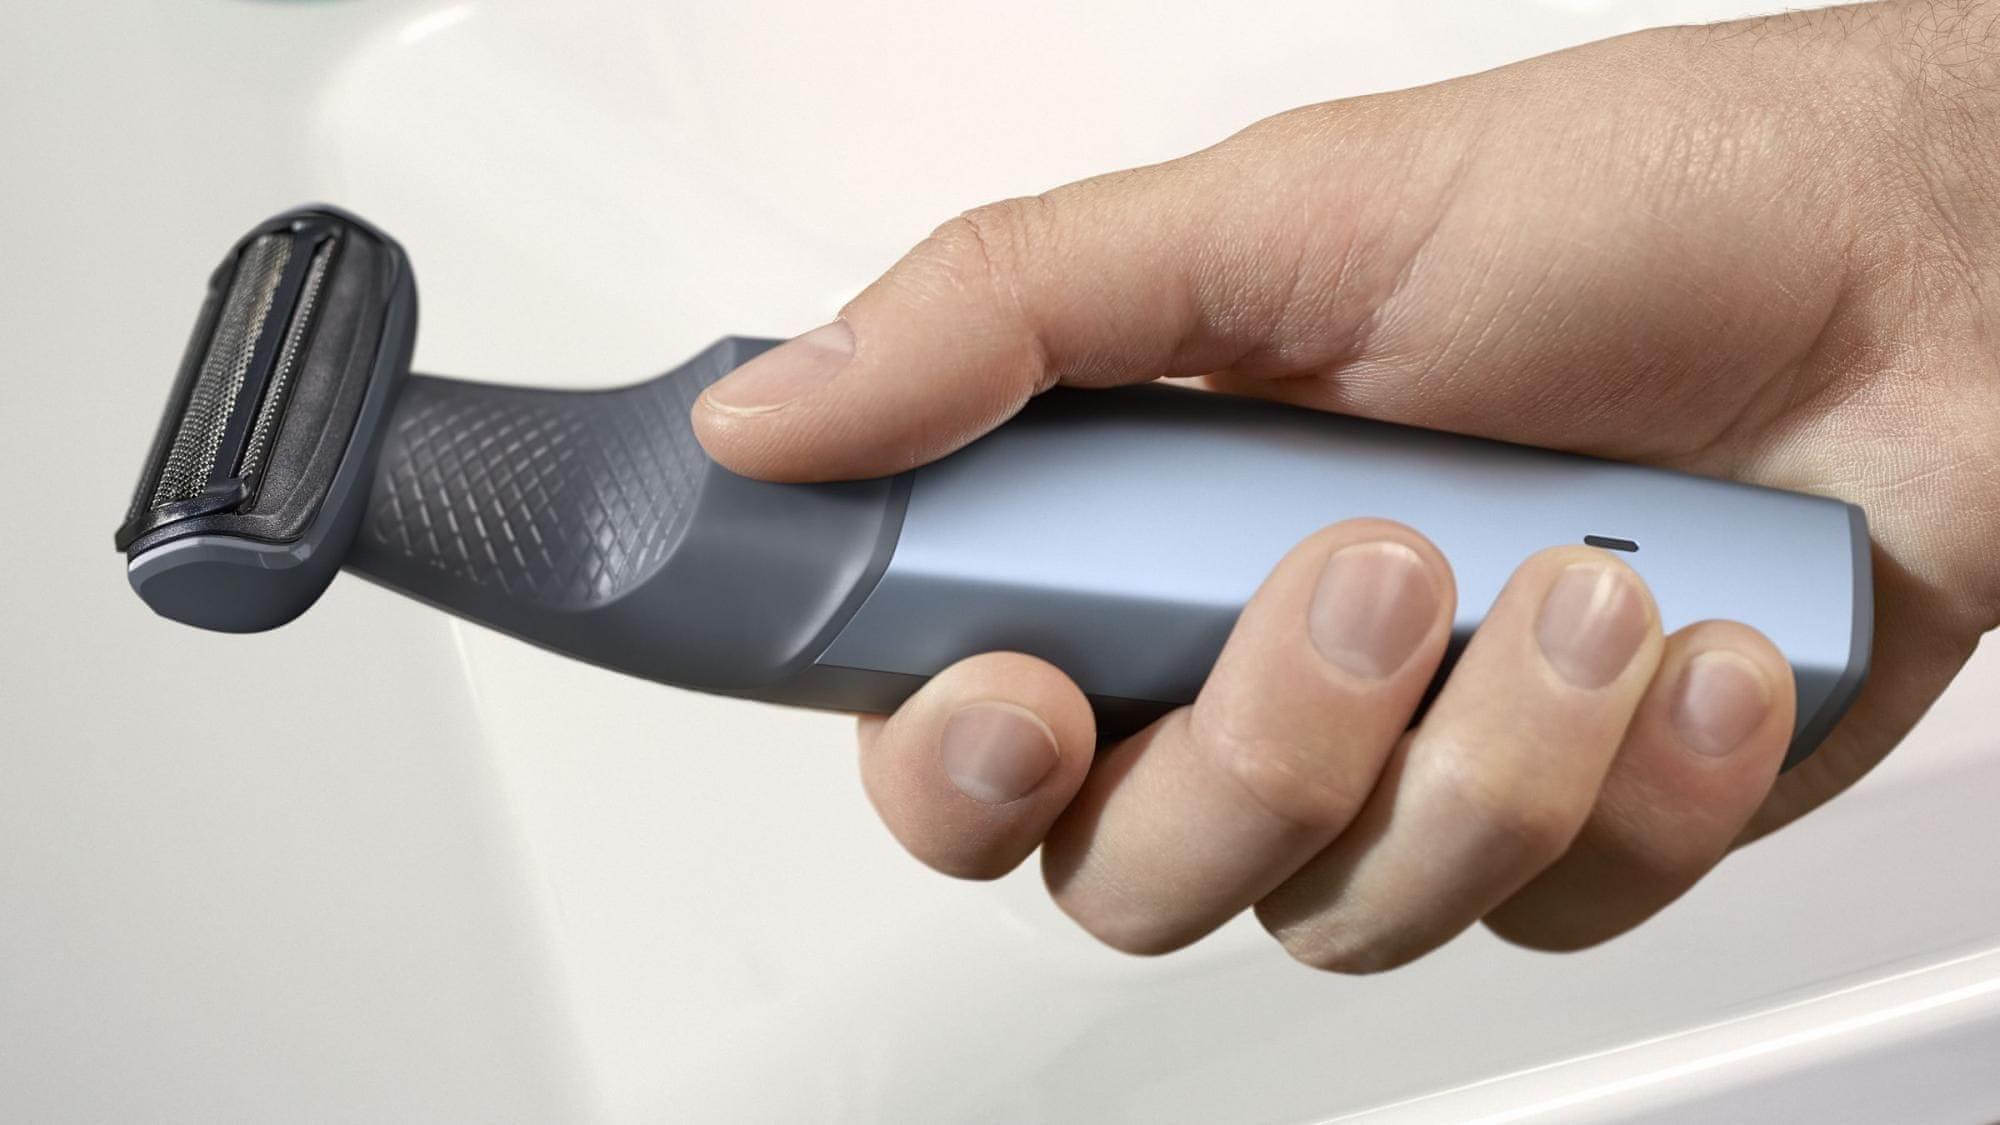 voděodolný Zastřihovač Philips BG3015/15 ergonomická rukojeť pevný úchop maximální kontrola nad strojkem